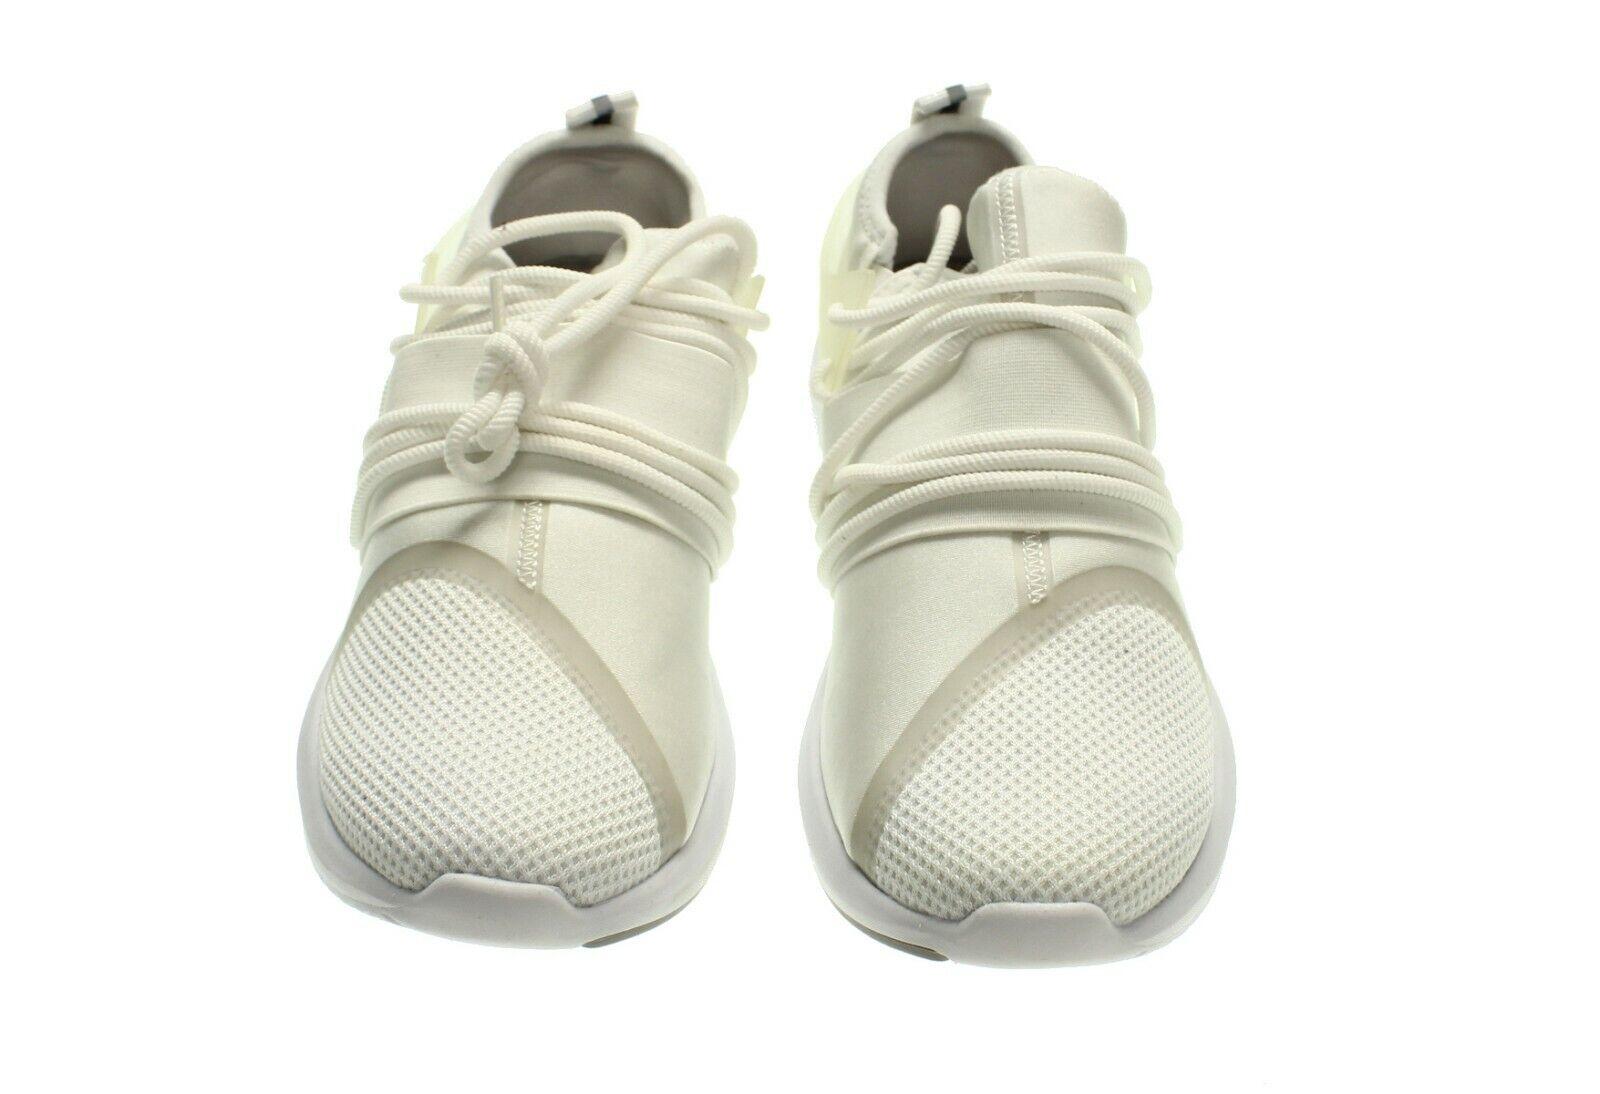 Fabletics Wohombres Pismo Performance blancoo Low Top Entrenamiento Tenis Zapatos - 9